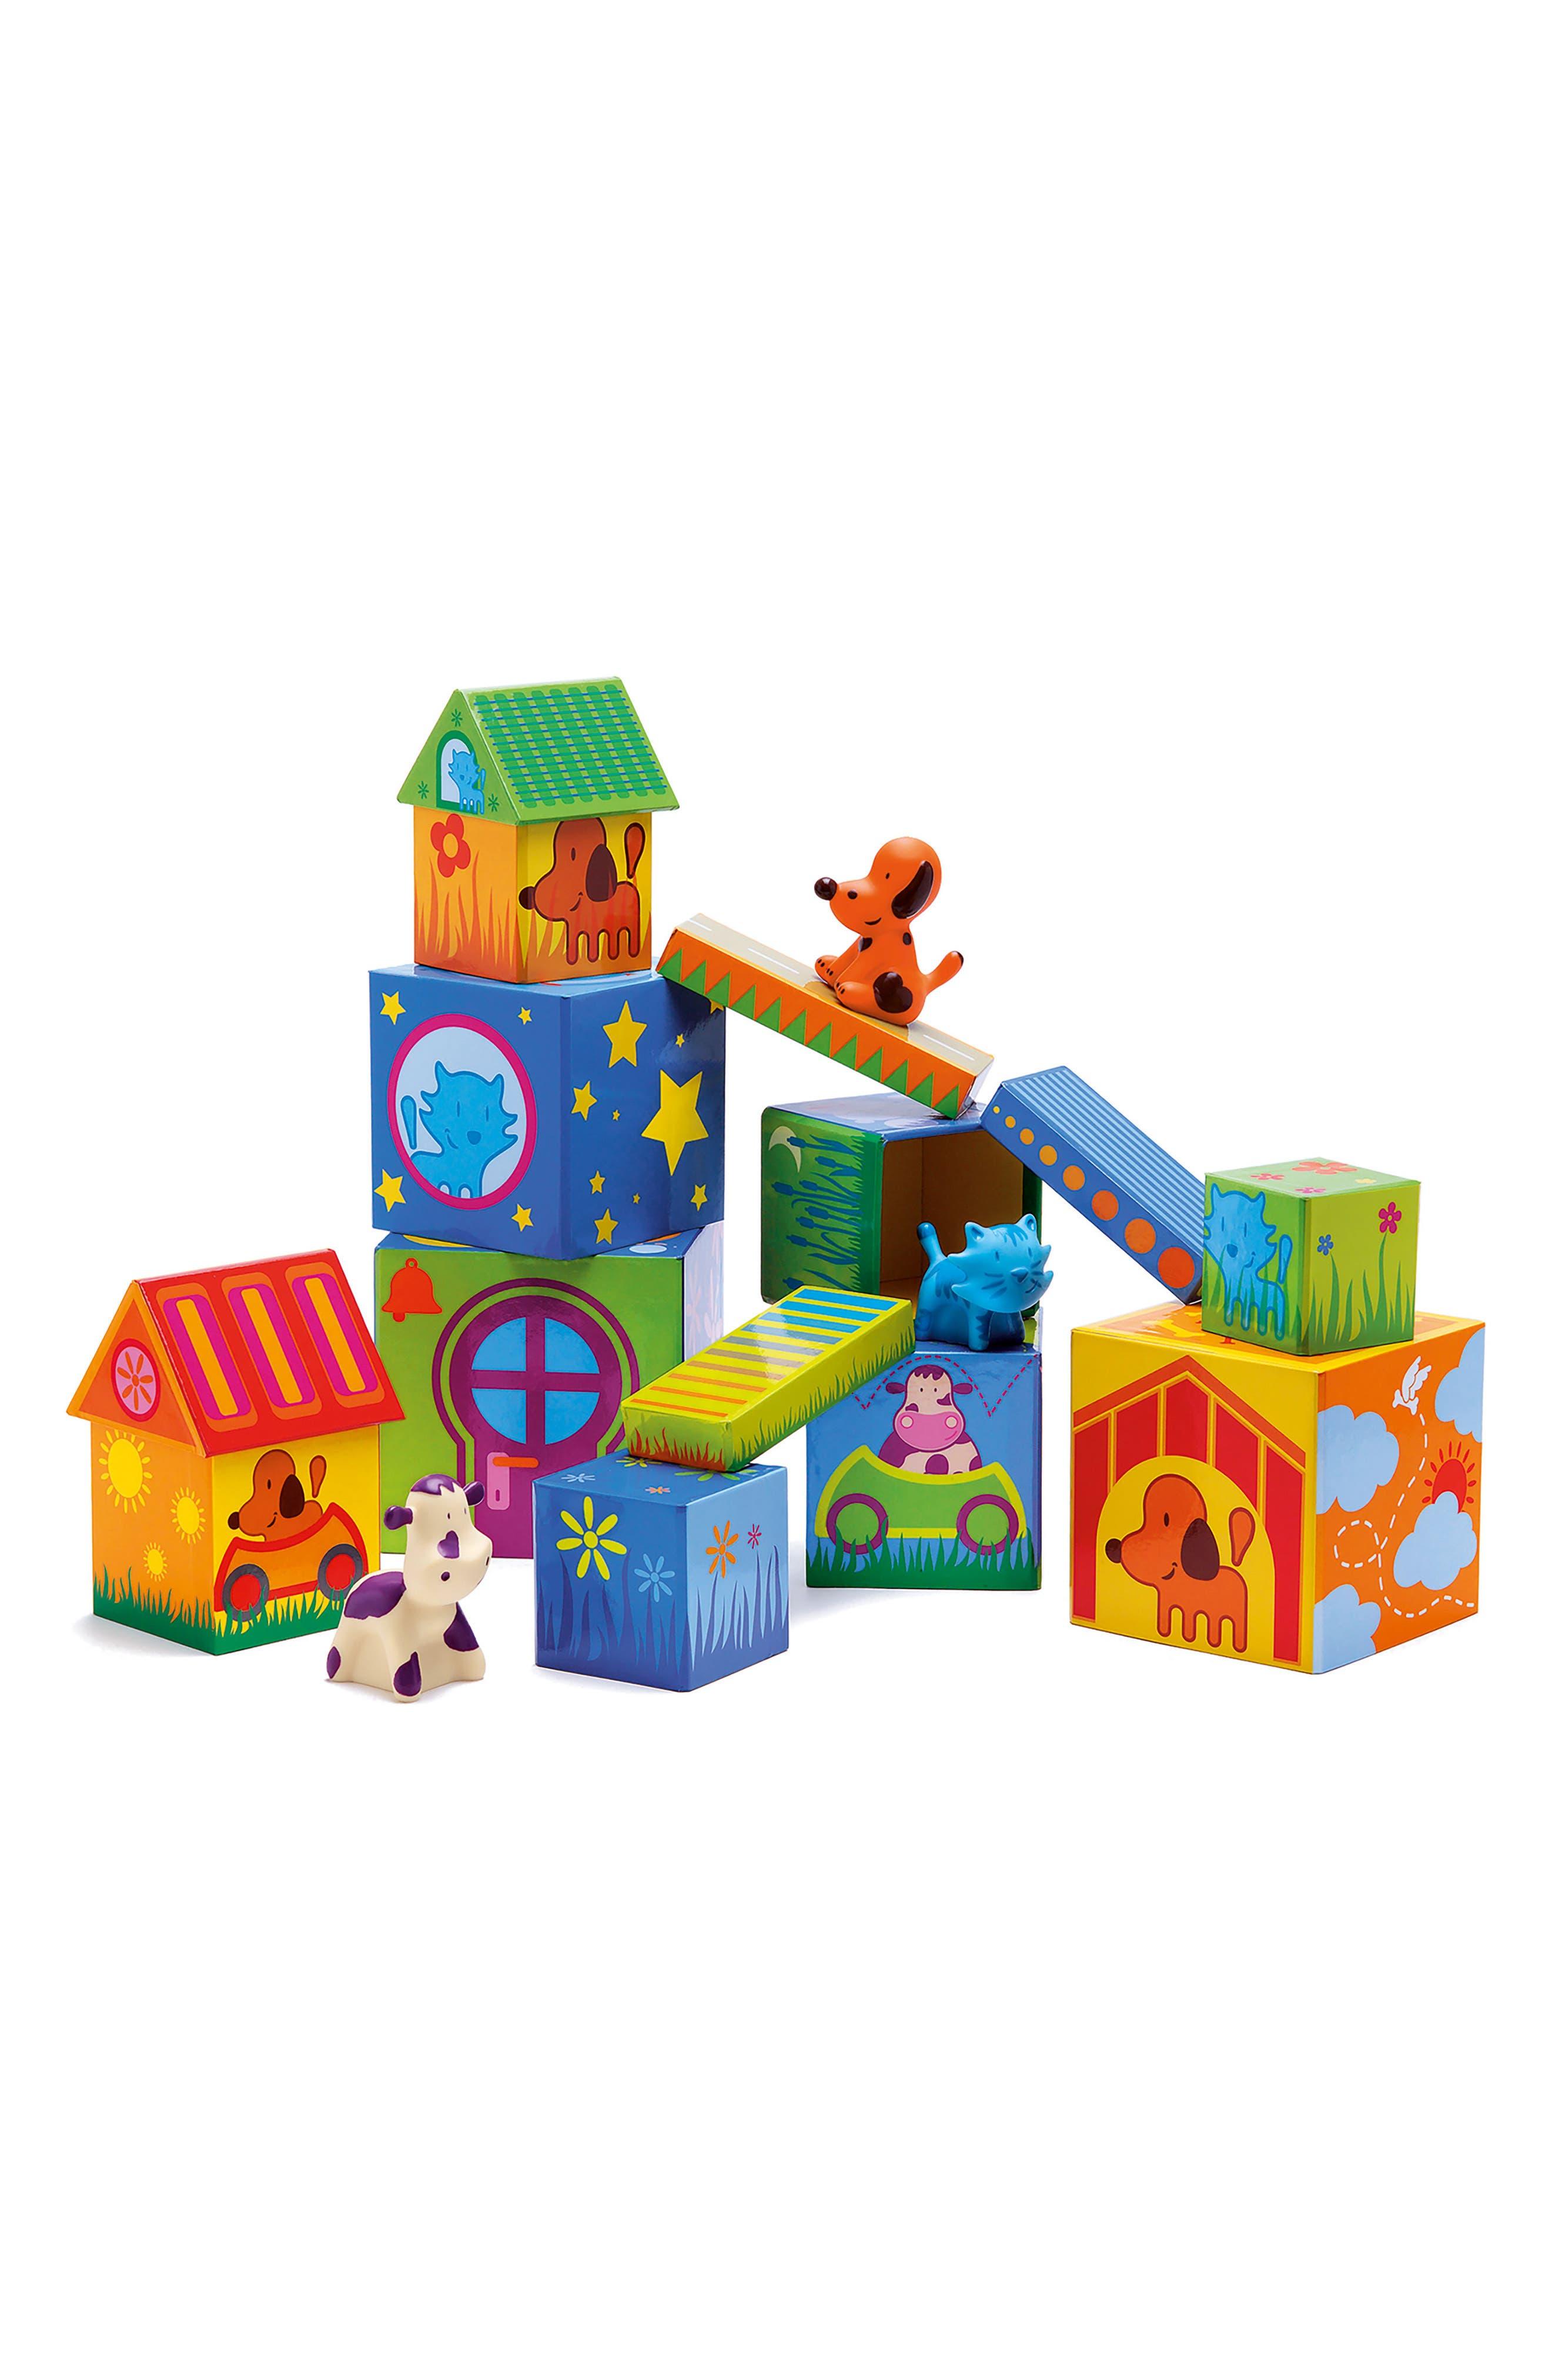 Djeco 17-Piece Cubanimo Cubes for Infants Building Block Set